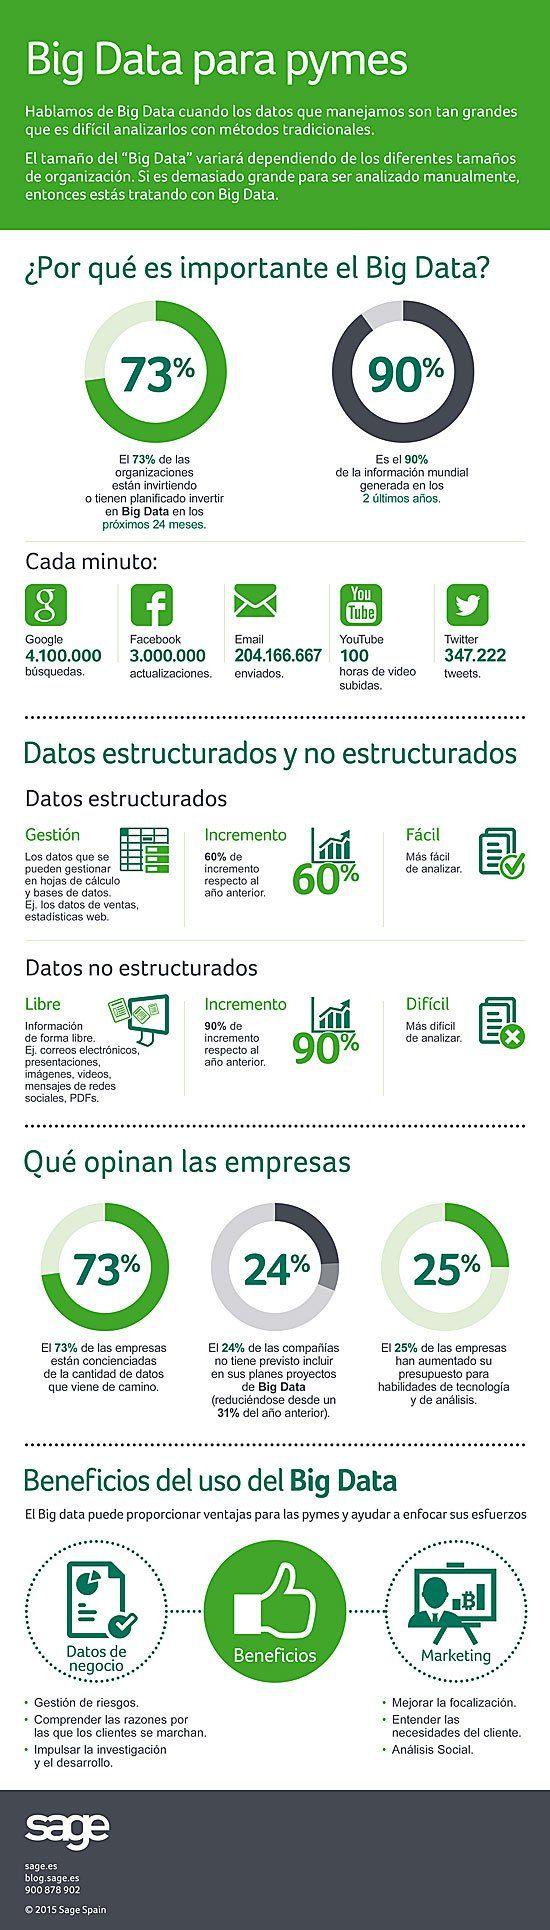 #Big Data para pymes #infografia